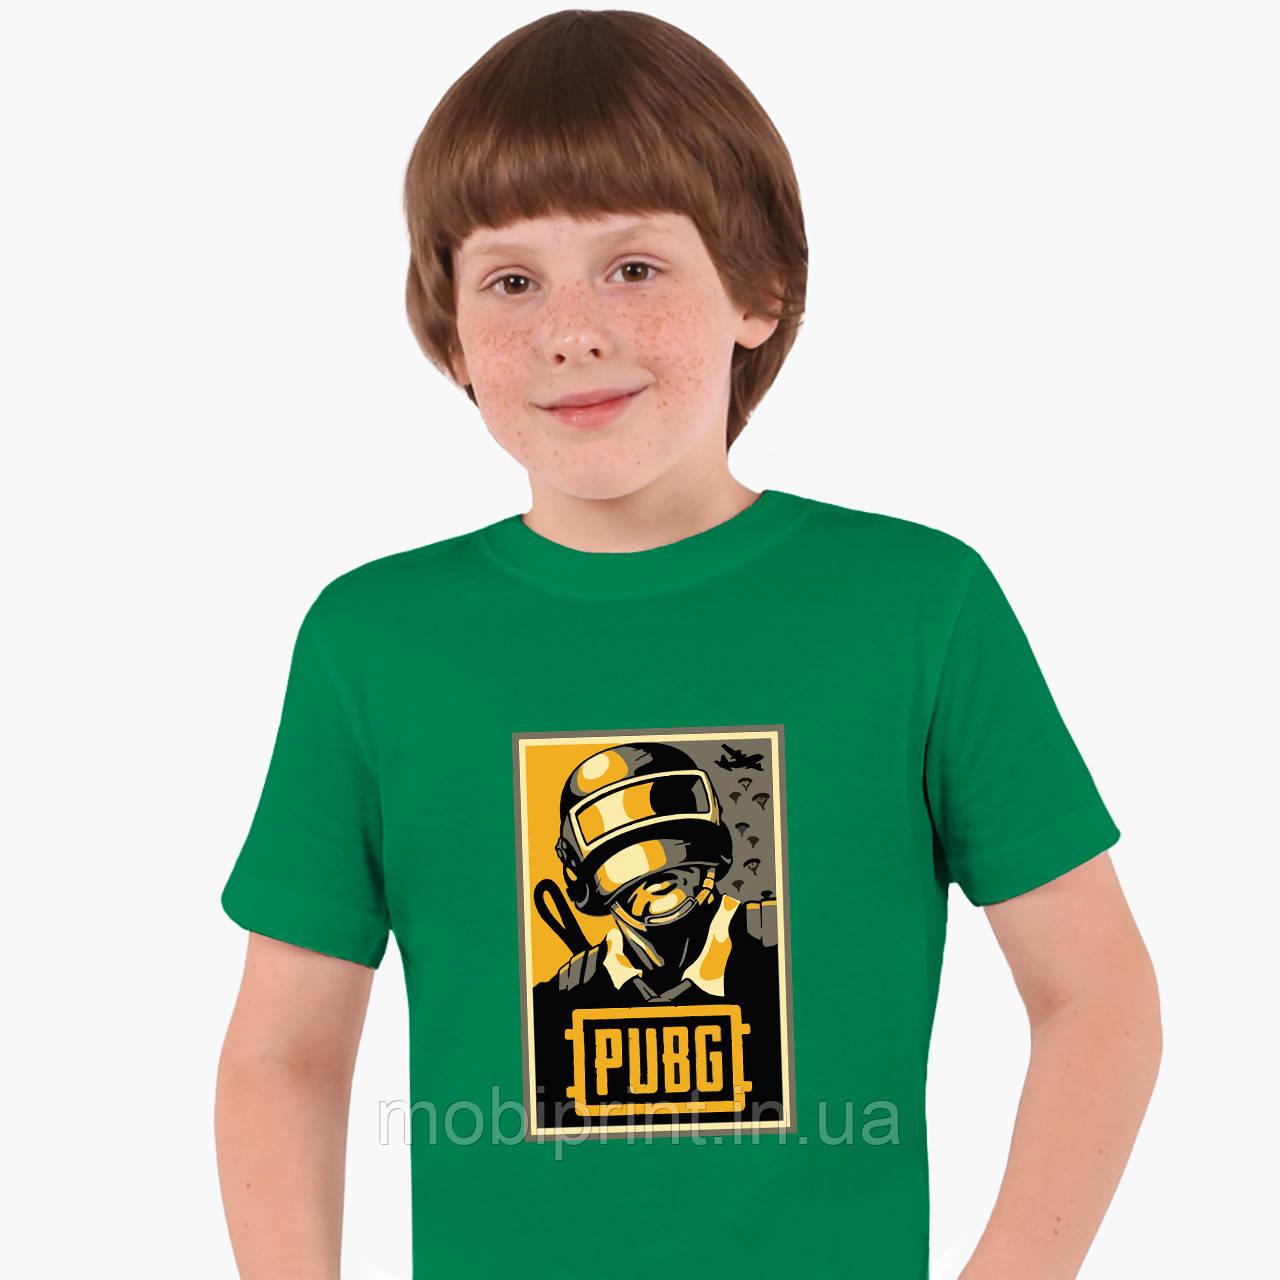 Детская футболка для мальчиков Пубг Пабг (Pubg) (25186-1179) Зеленый